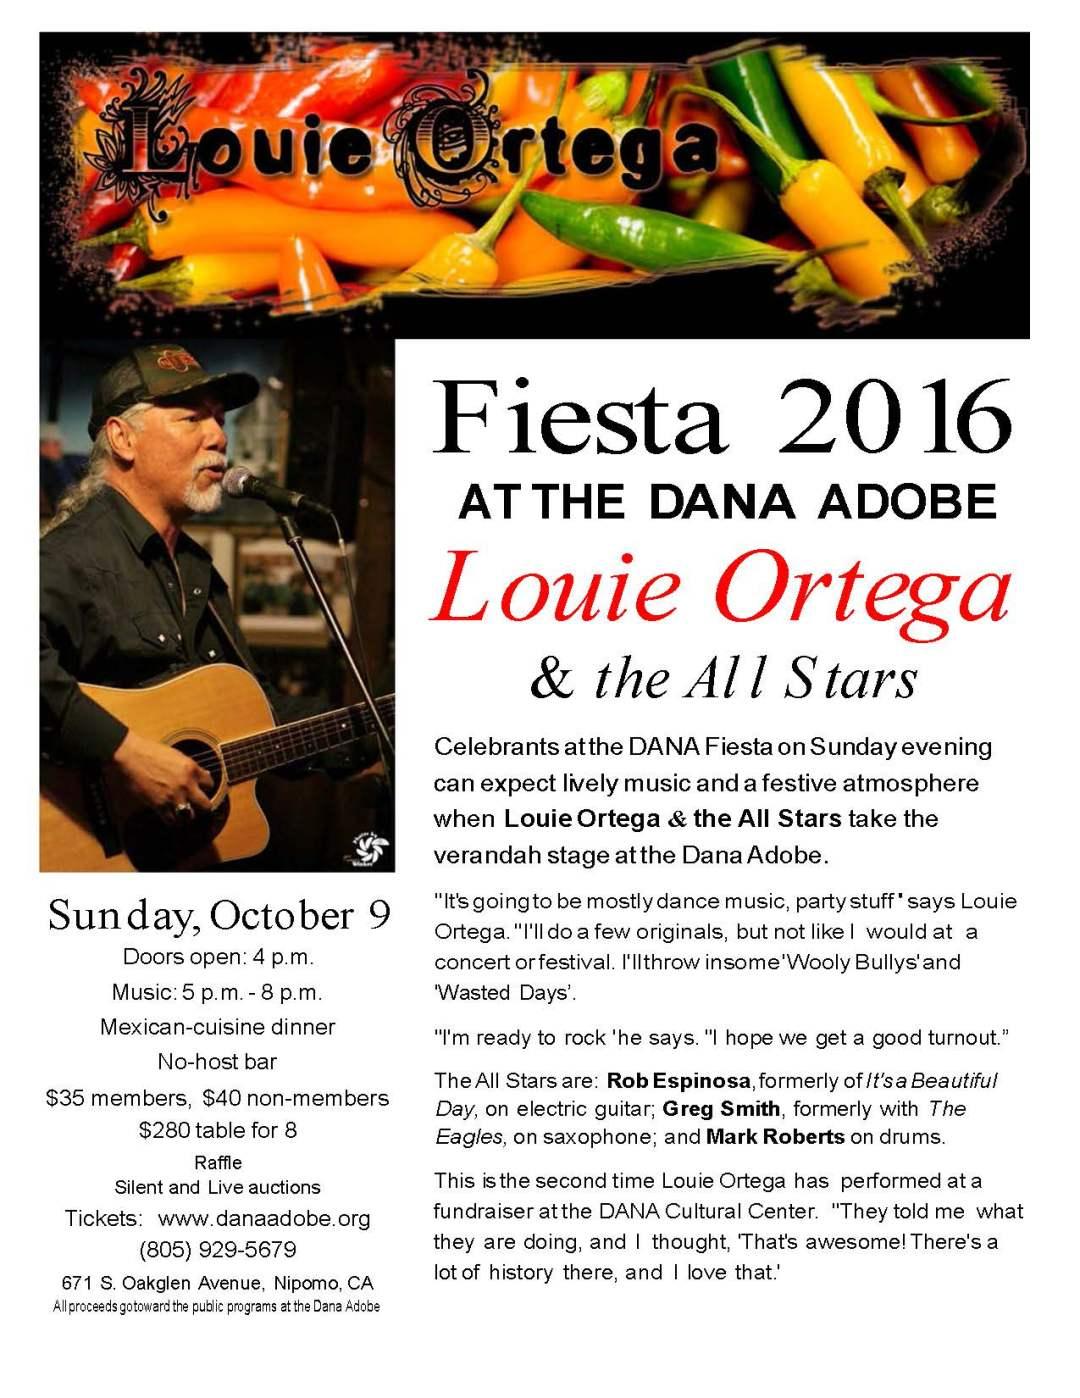 fiesta-flyer1-1